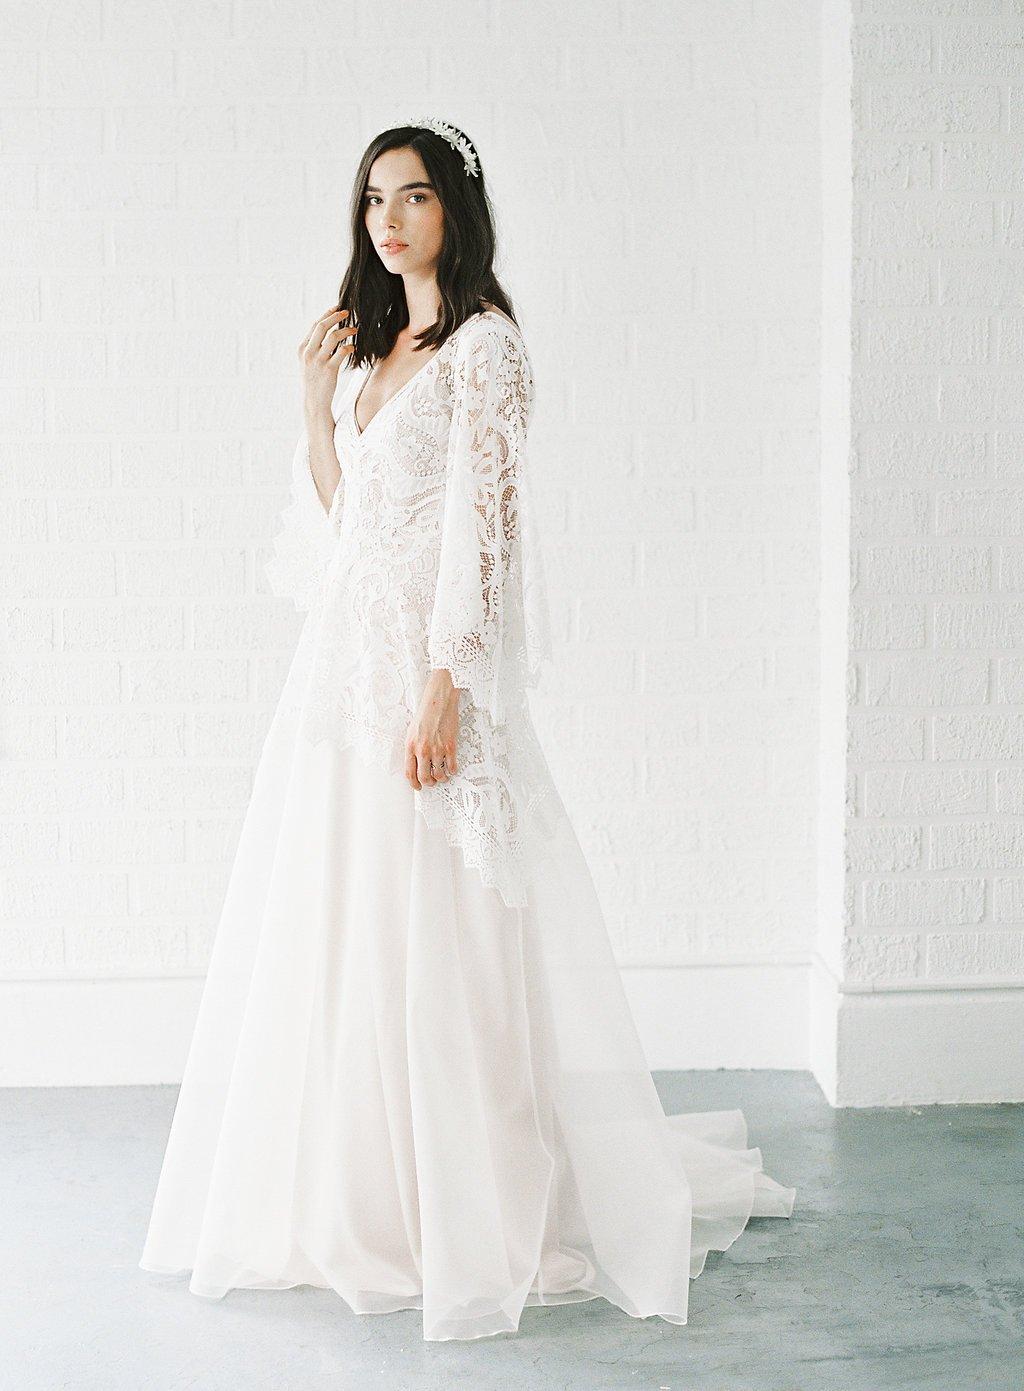 043cd6a77f6f Moderne brudekjoler i boheme stil